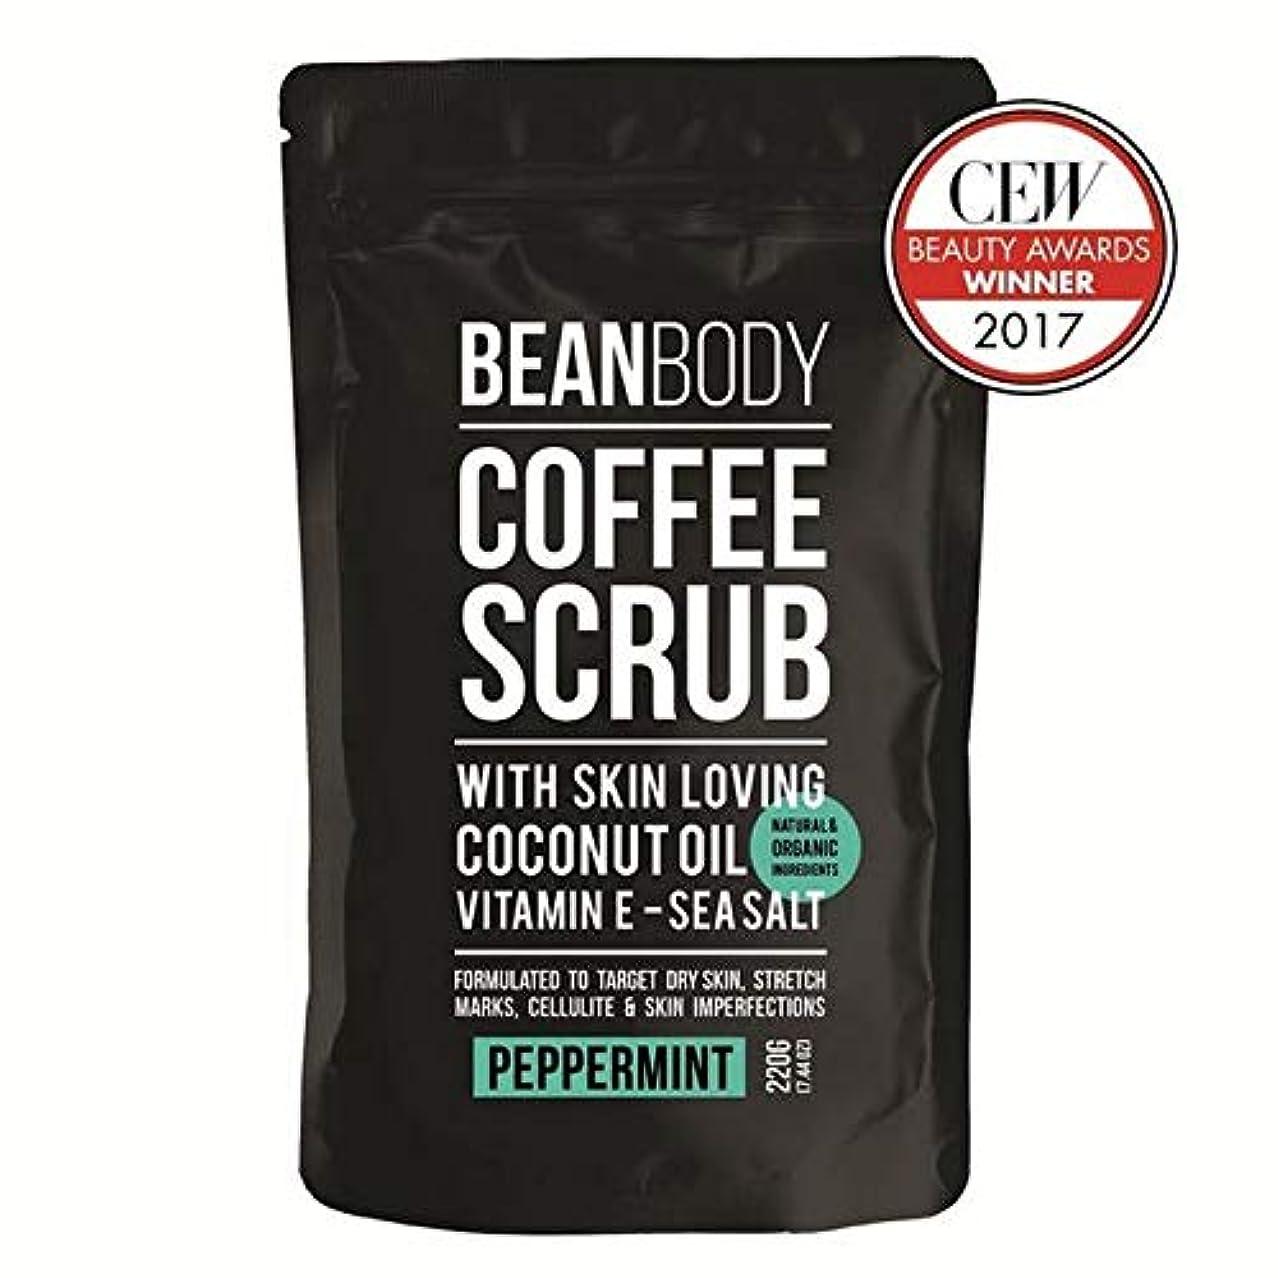 媒染剤バーターフェザー[Bean Body ] 豆のボディコーヒースクラブ、ペパーミント220グラム - Bean Body Coffee Scrub, Peppermint 220g [並行輸入品]